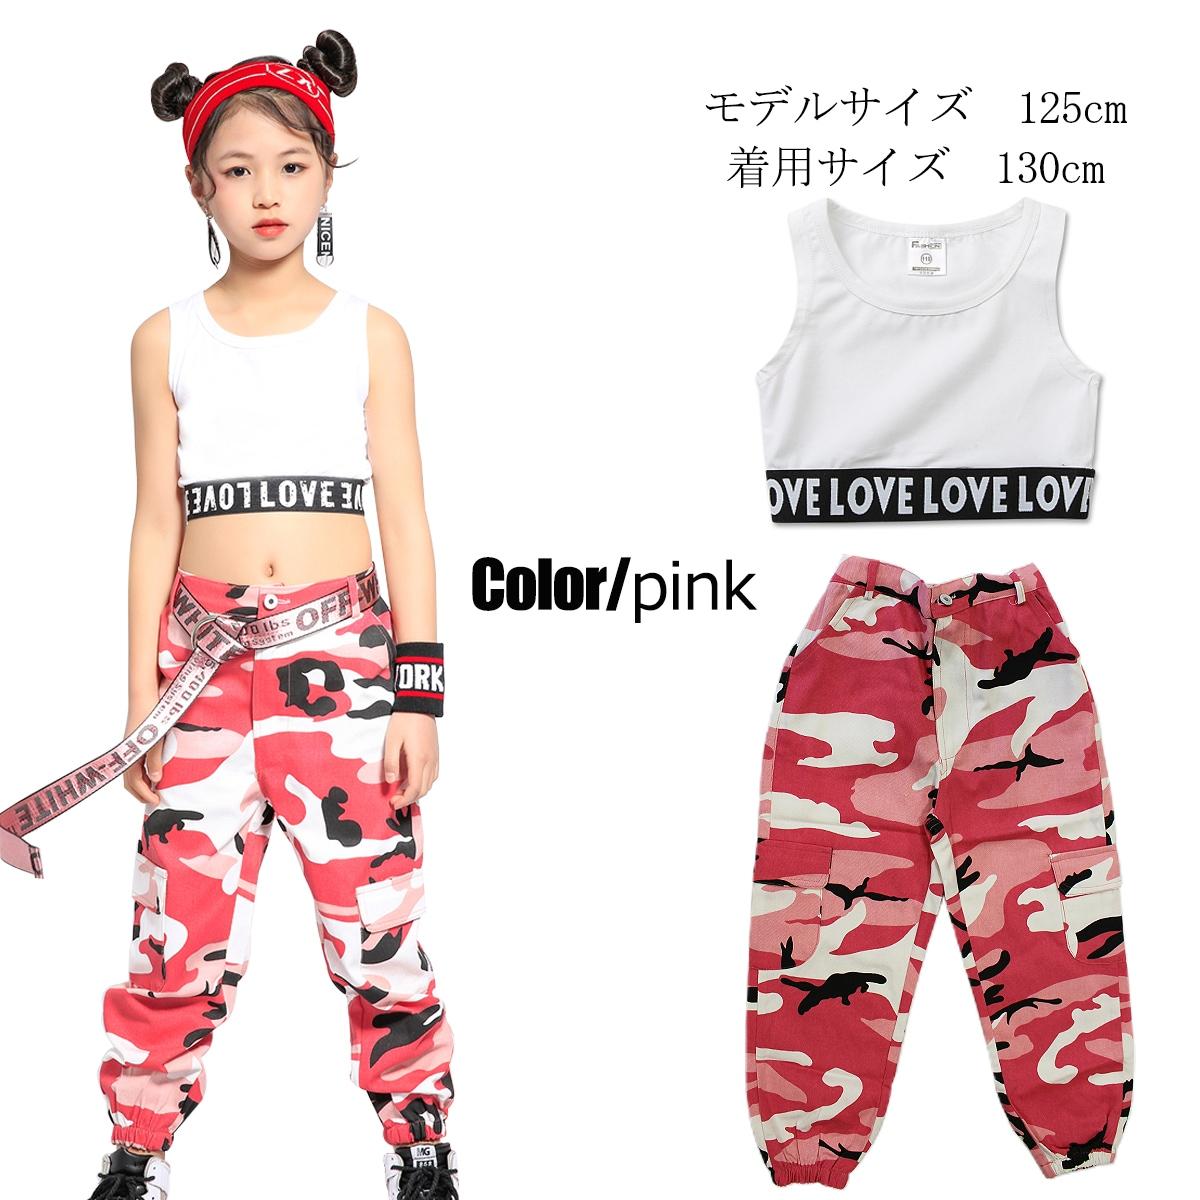 カラー【ピンク】